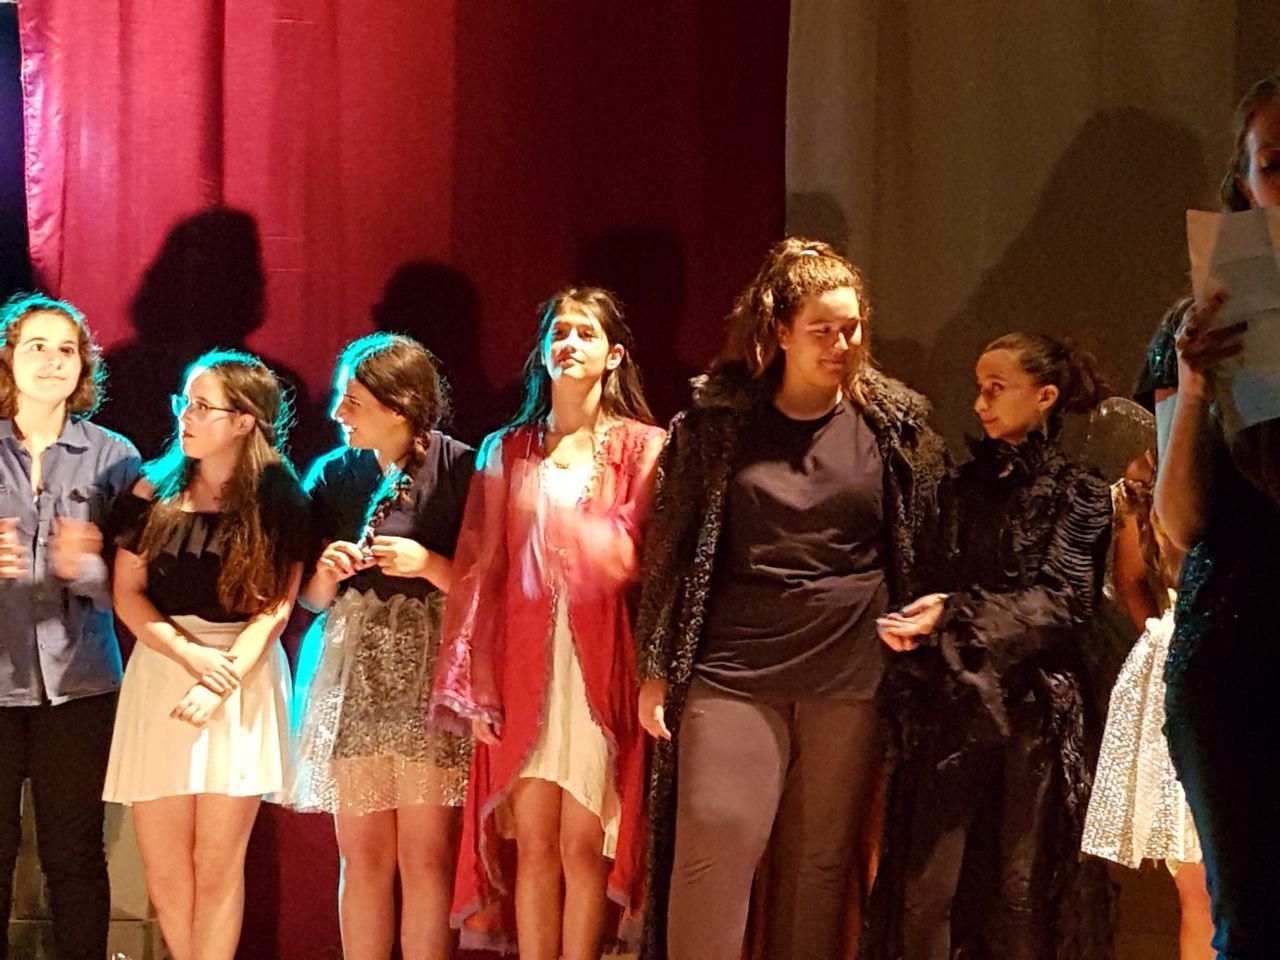 קבוצת התיאטרון בהצגה